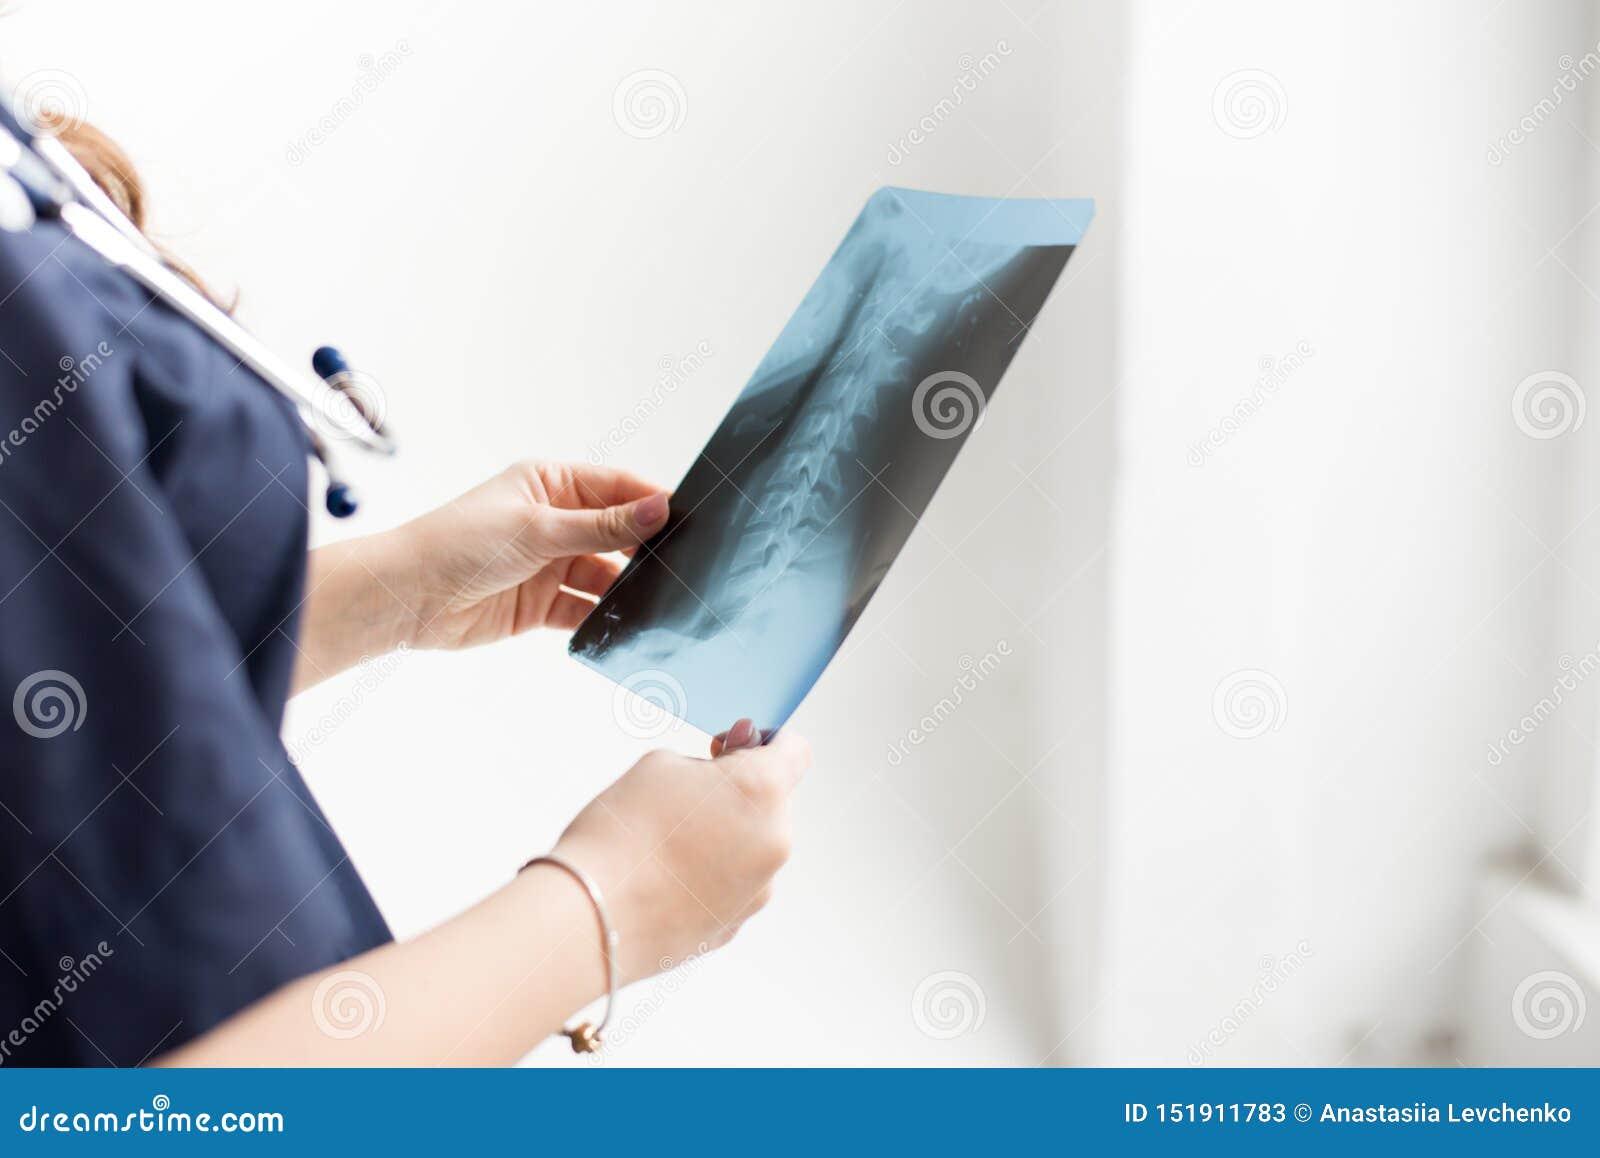 För bröstkorgröntgenstråle för doktor undersökande film av patienten på sjukhuset på vit bakgrund, kopieringsutrymme